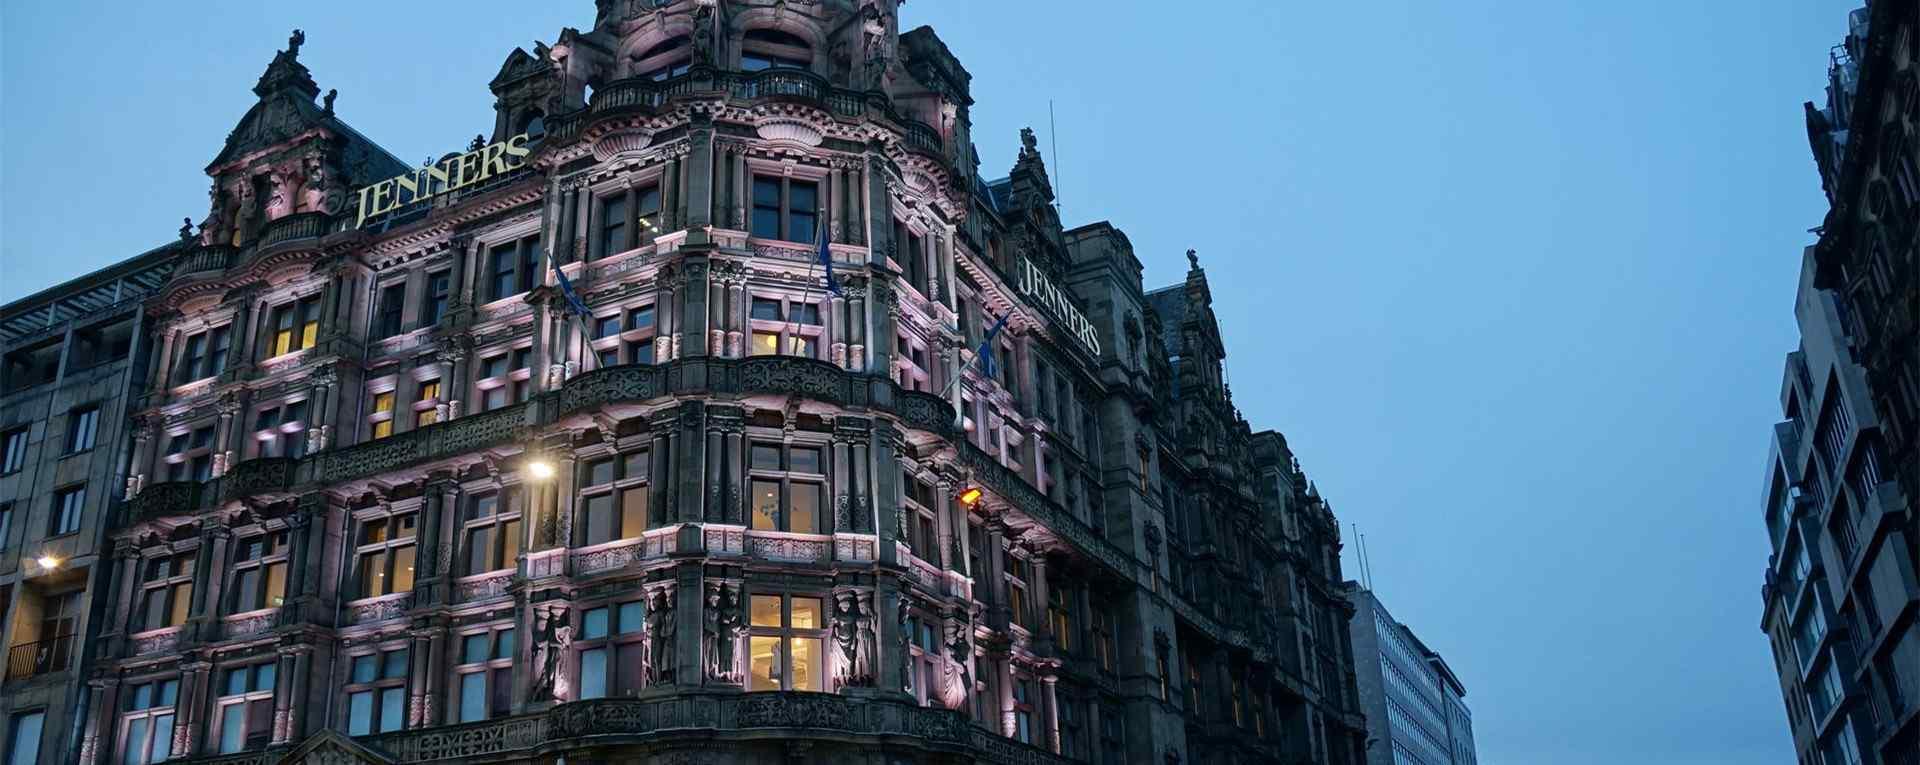 苏格兰爱丁堡_城堡建筑_城市街景_文化节壁纸